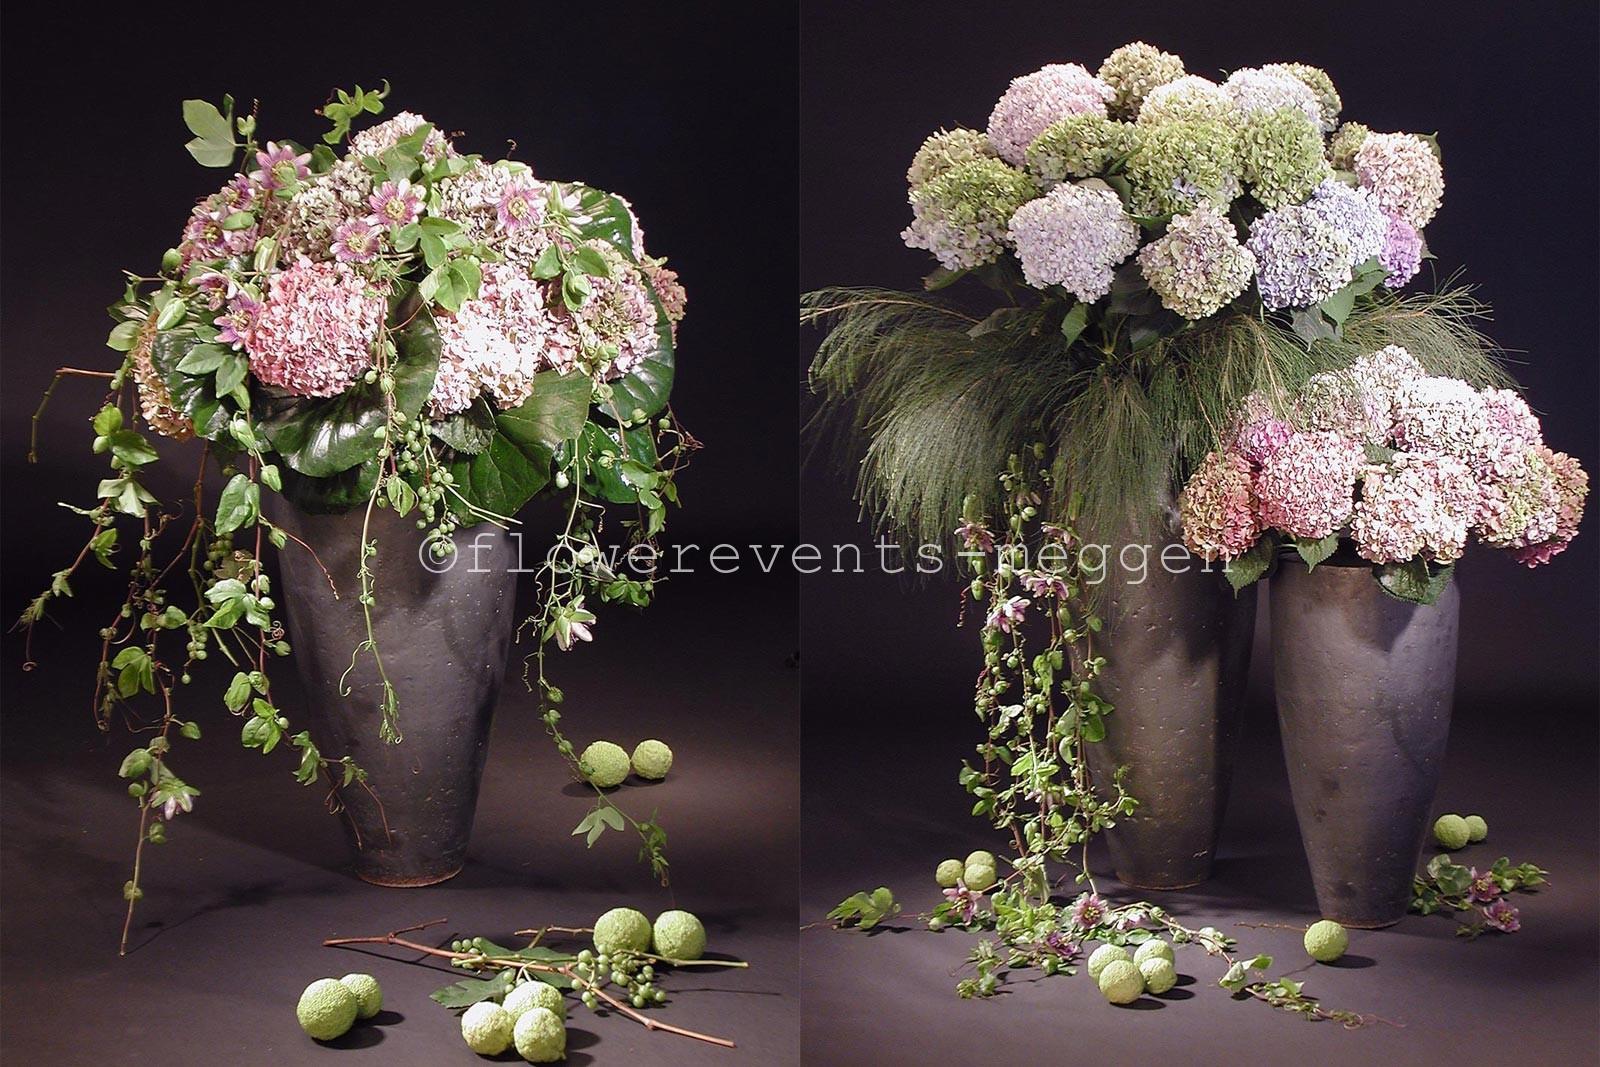 Blume Luzern Blumen Flower Events Meggen Kssnacht online